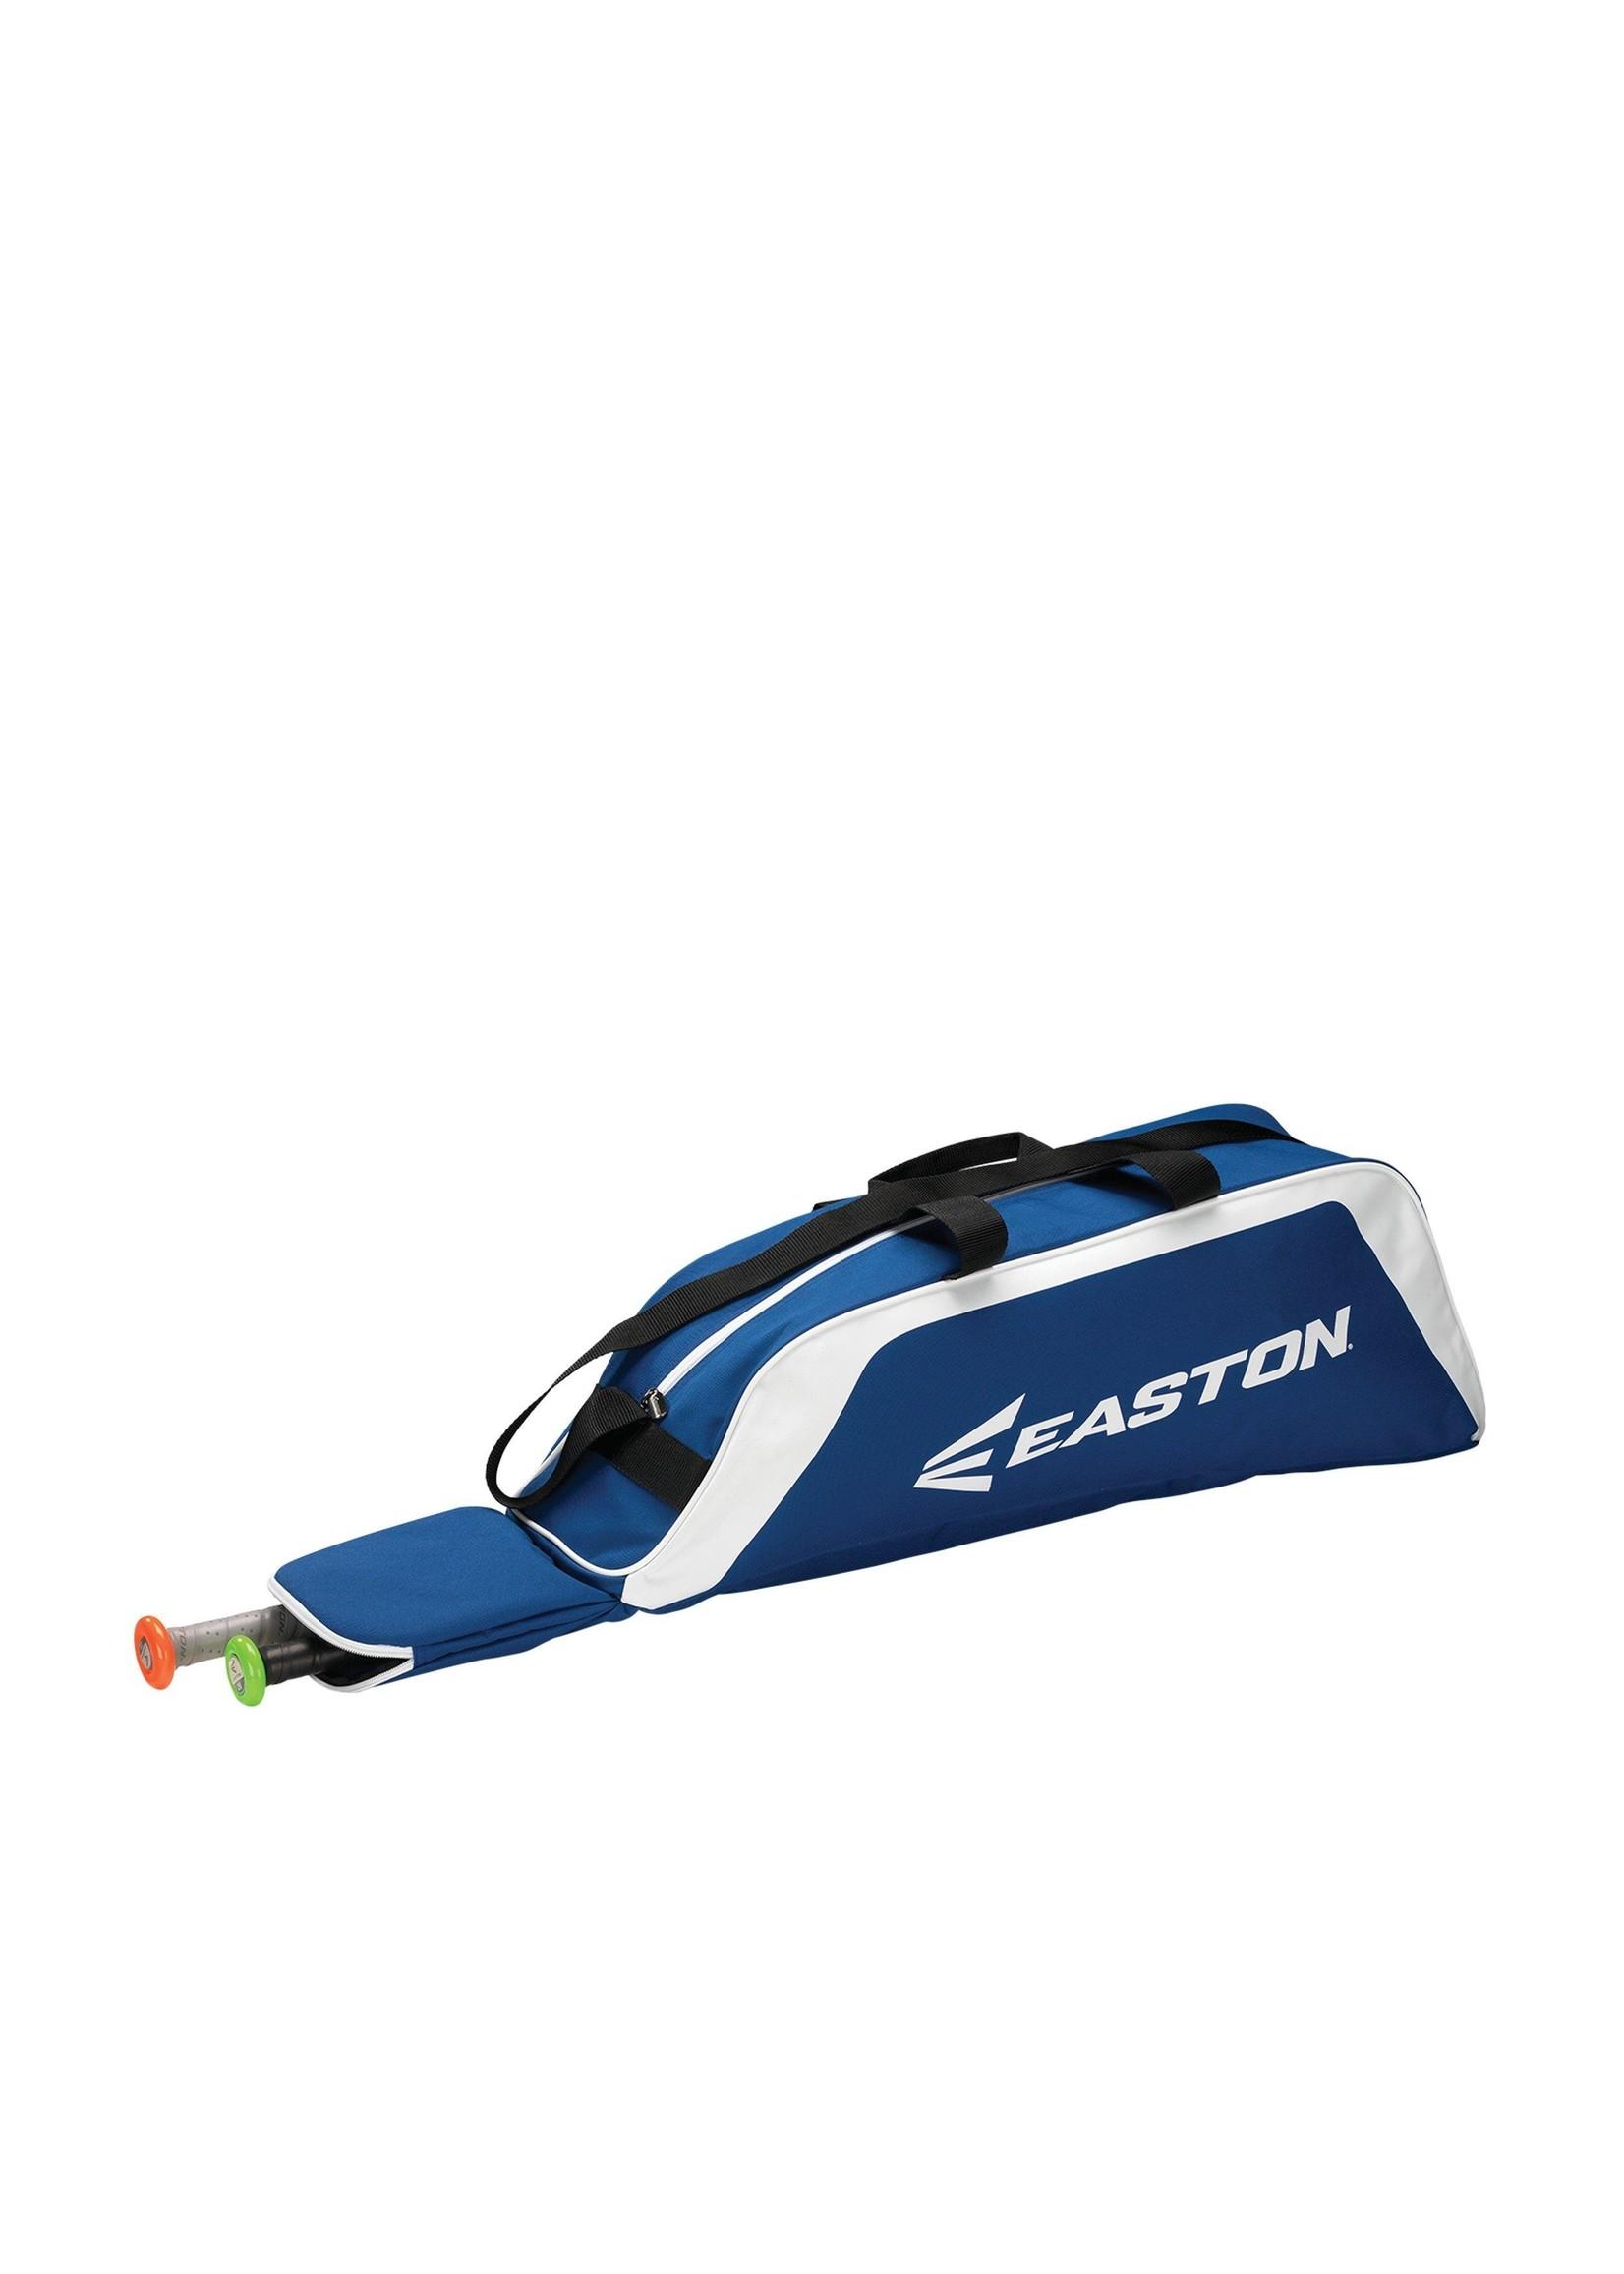 Easton Baseball (Canada) EASTON E100T BACKPACK